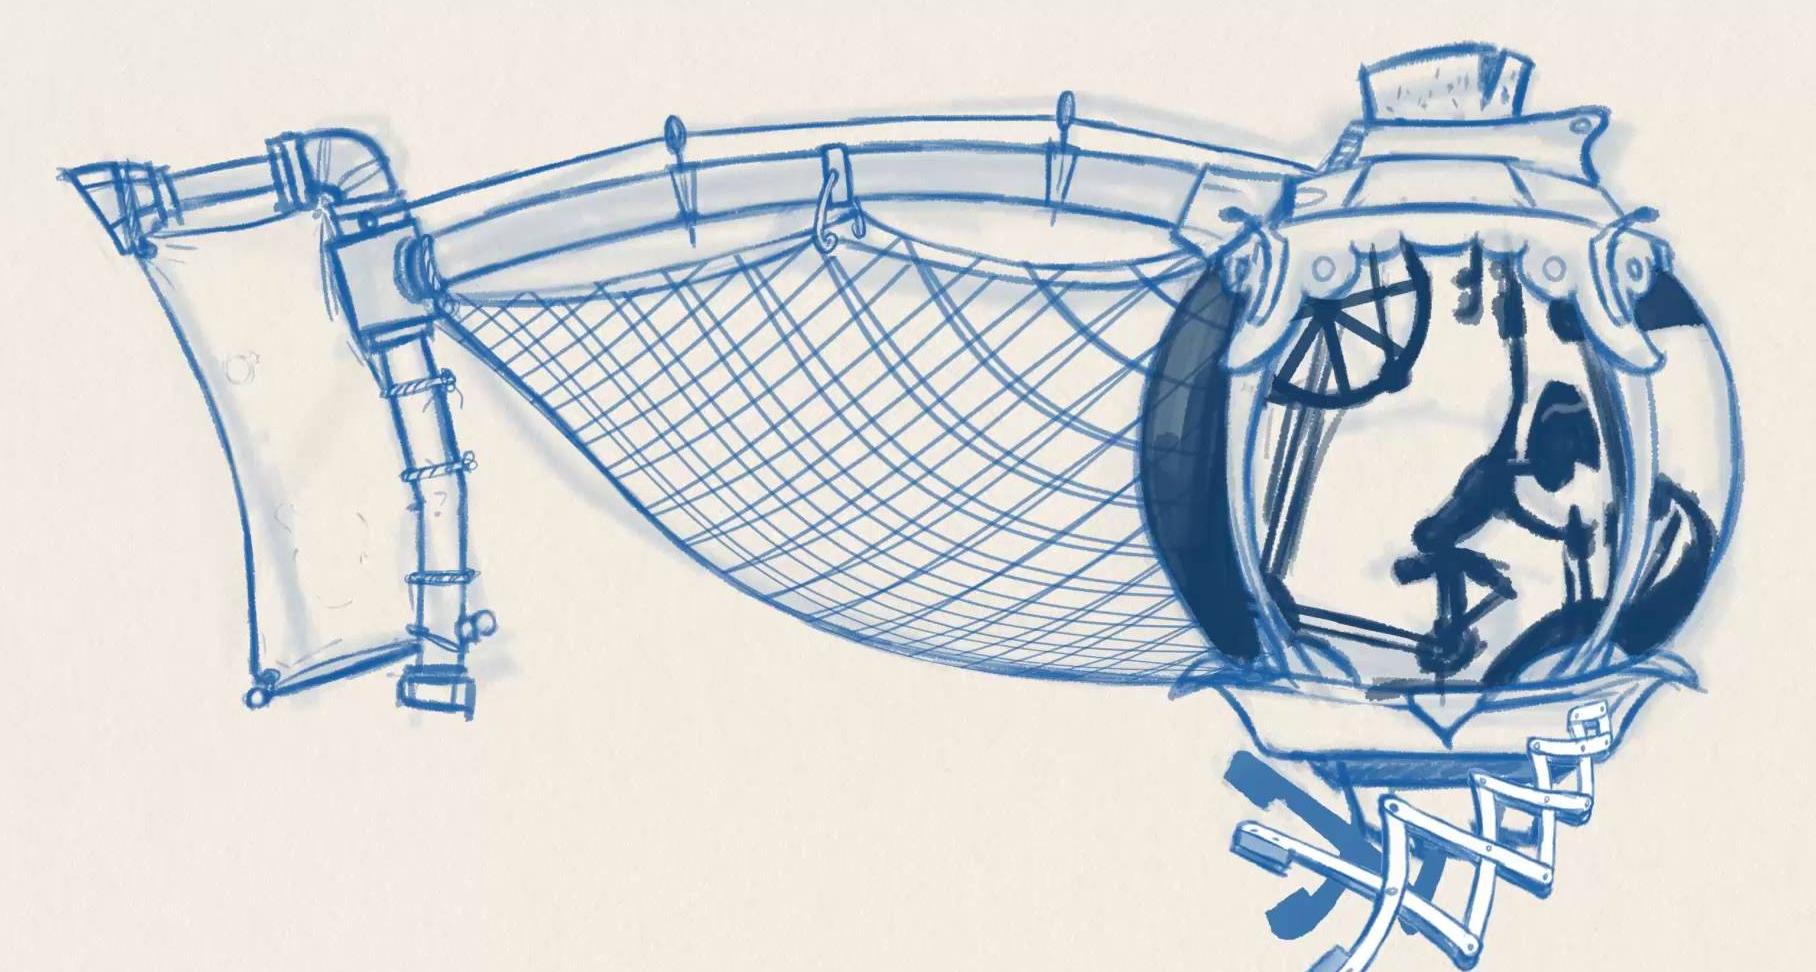 Idea Development in Concept Art